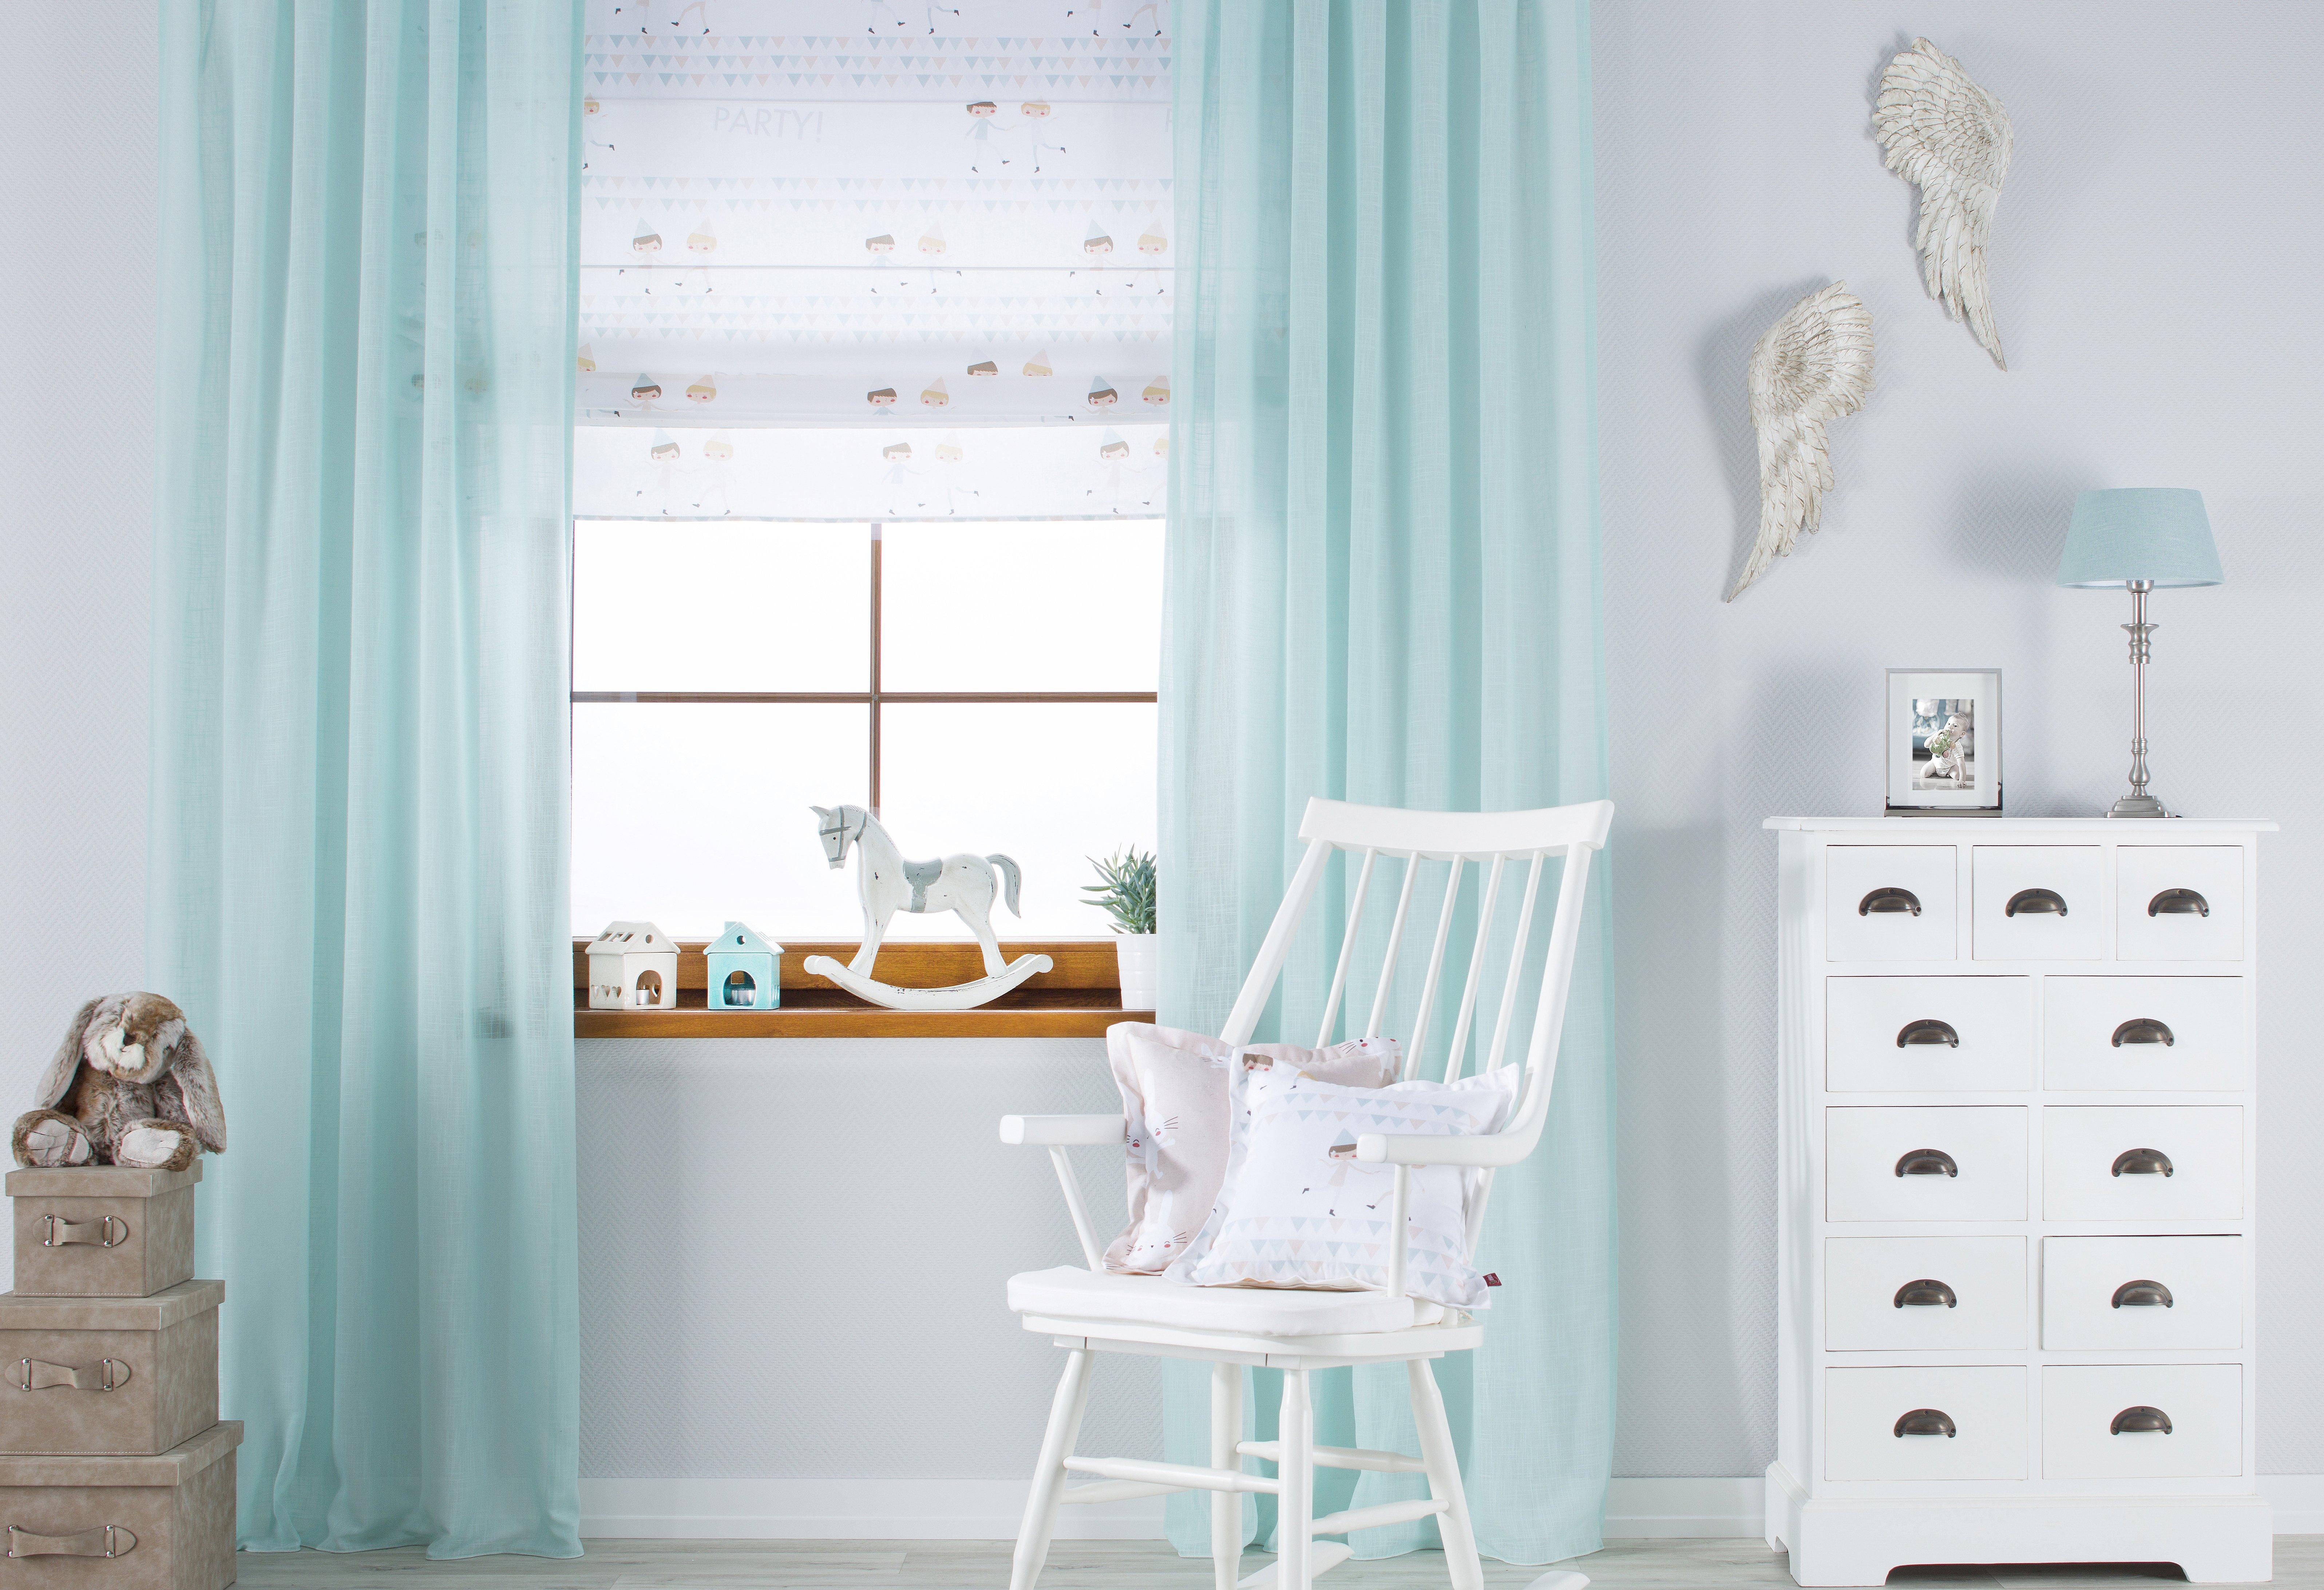 Pokój dziecka w pastelowych kolorach